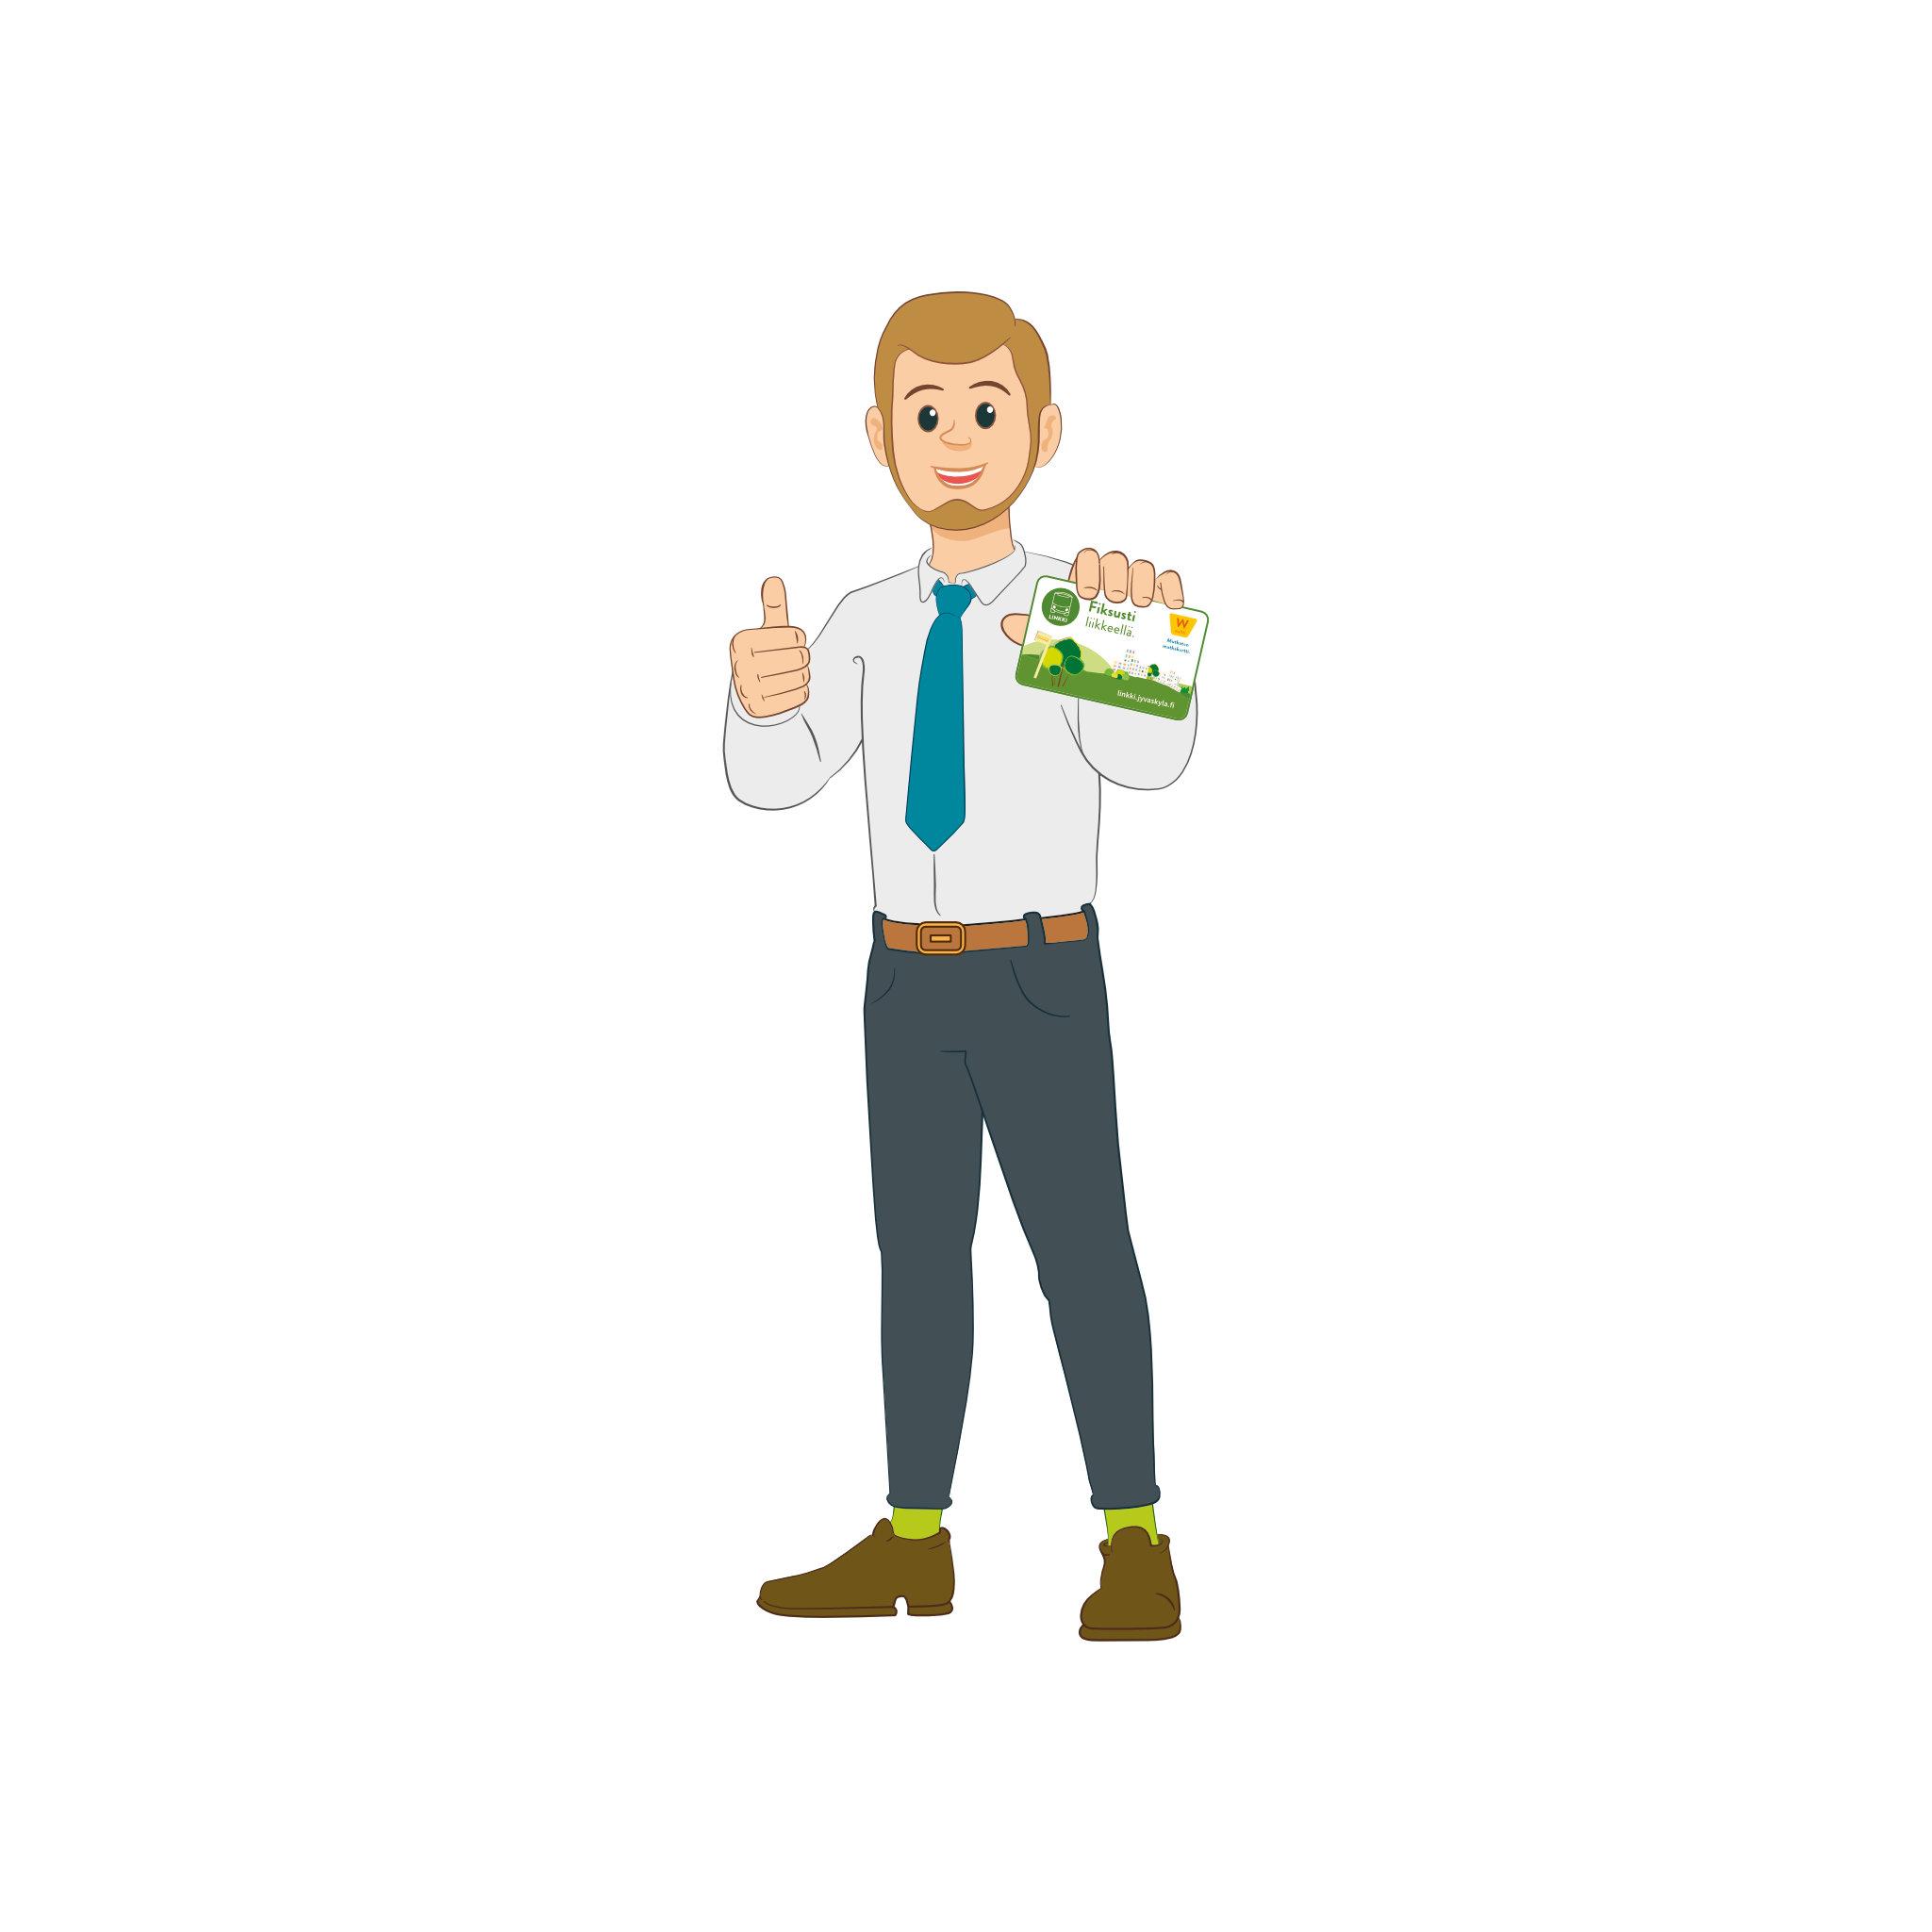 Linkki-matkustajia: Mies ja matkakortti